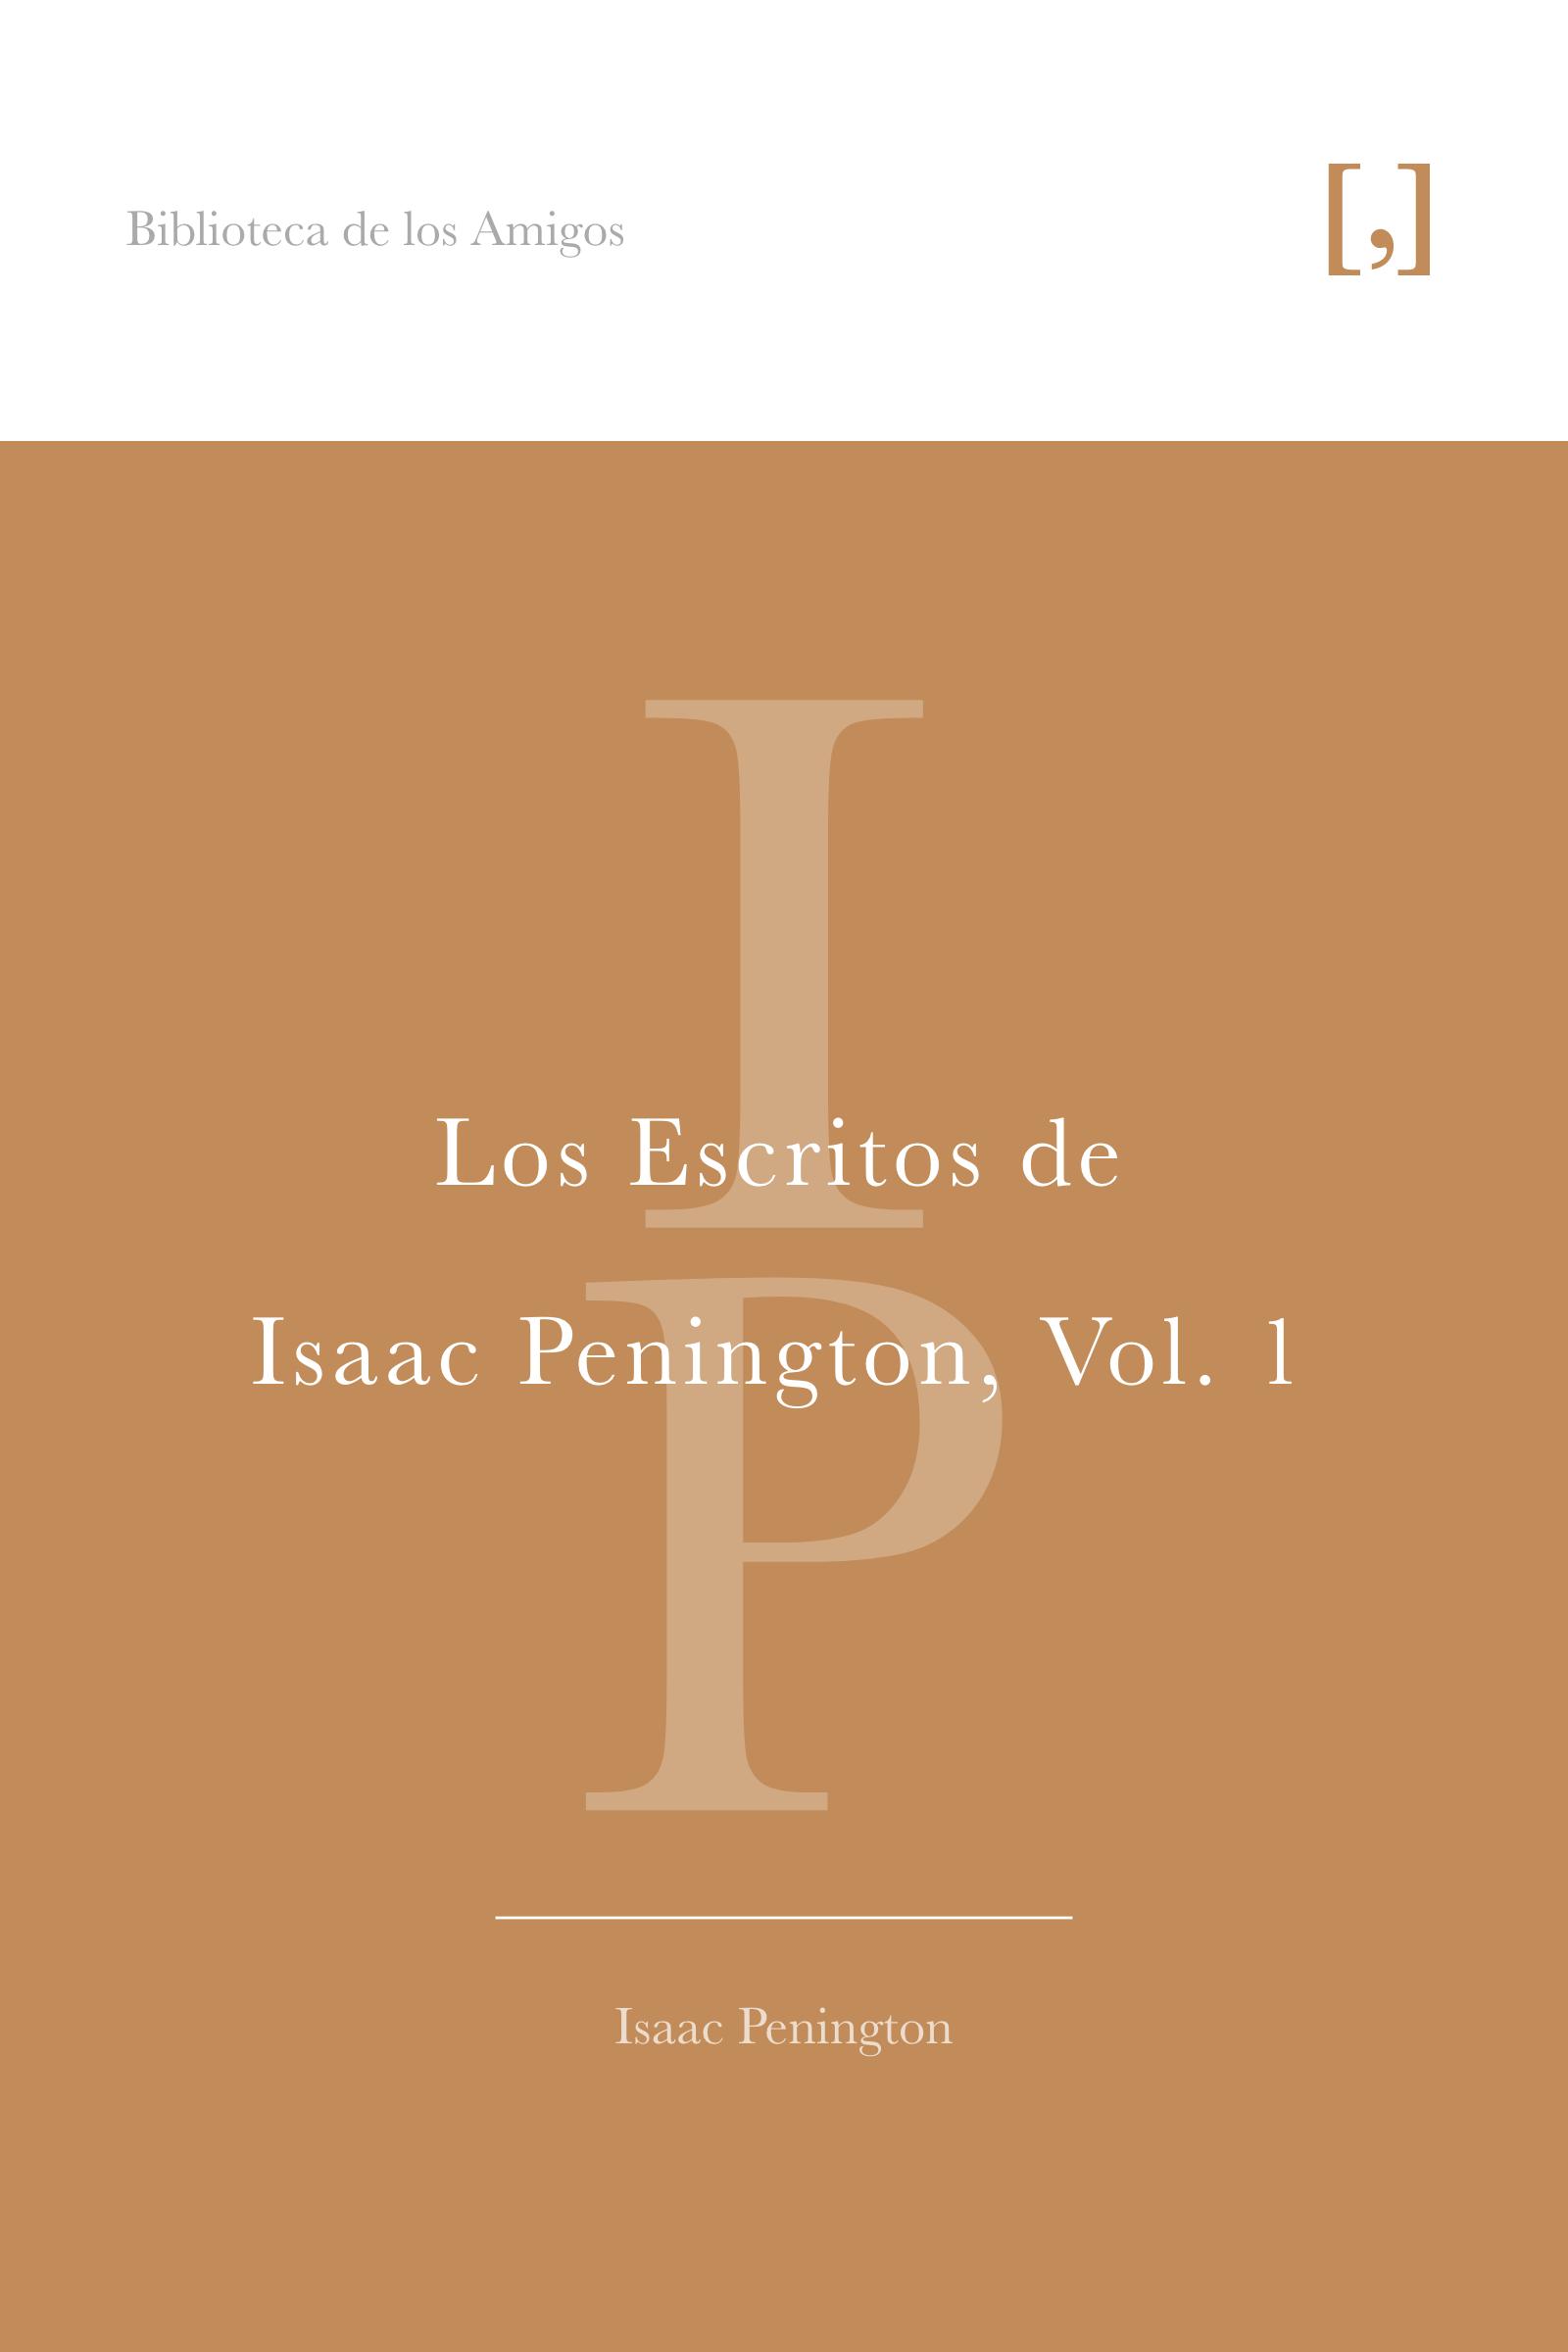 IP_v1